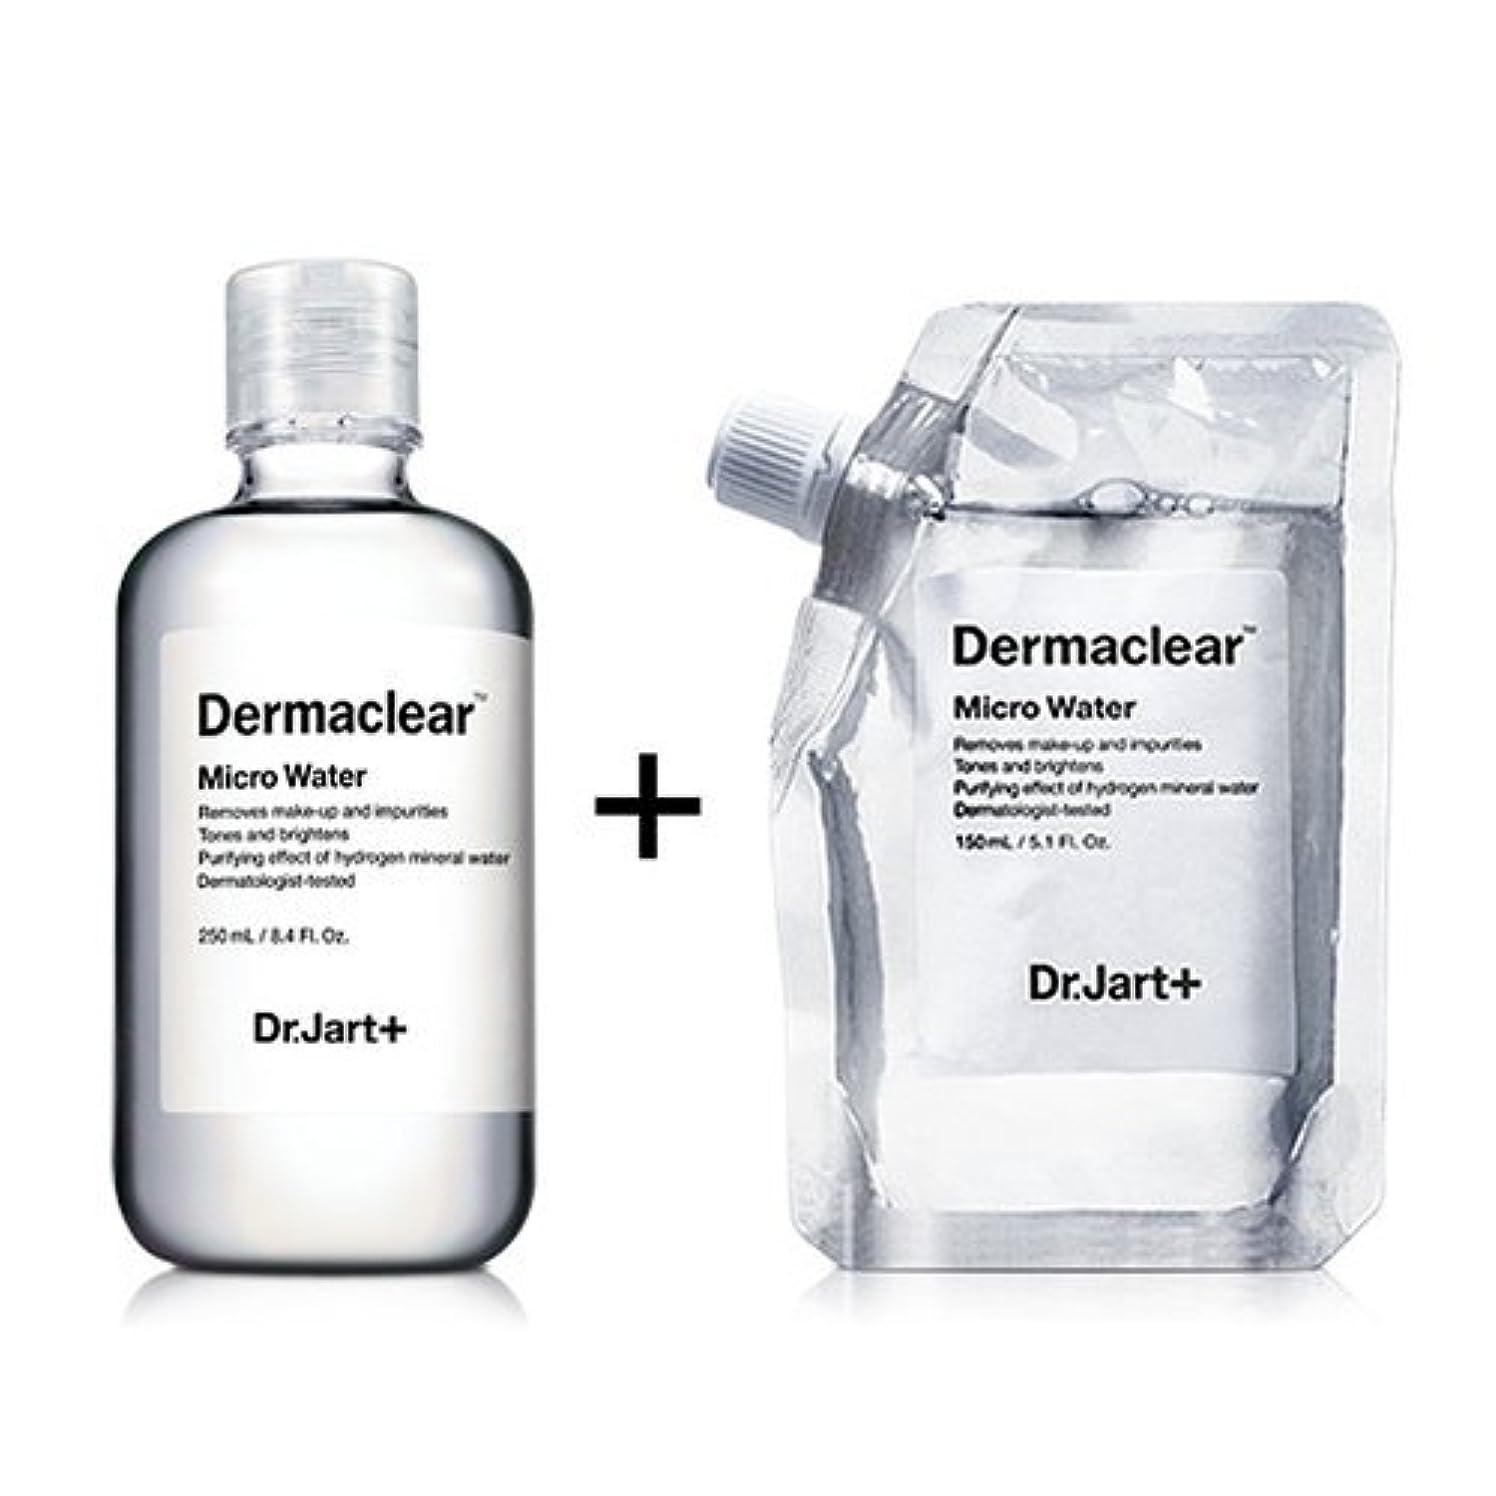 可愛い動くフィドルドクタージャルト[韓国コスメ Dr.Jart+]ダーマクリア マイクロ ウォーター250ml+150ml(リフィル) [Dr.Jart+]Dermaclear Micro Water (250ml+150ml)